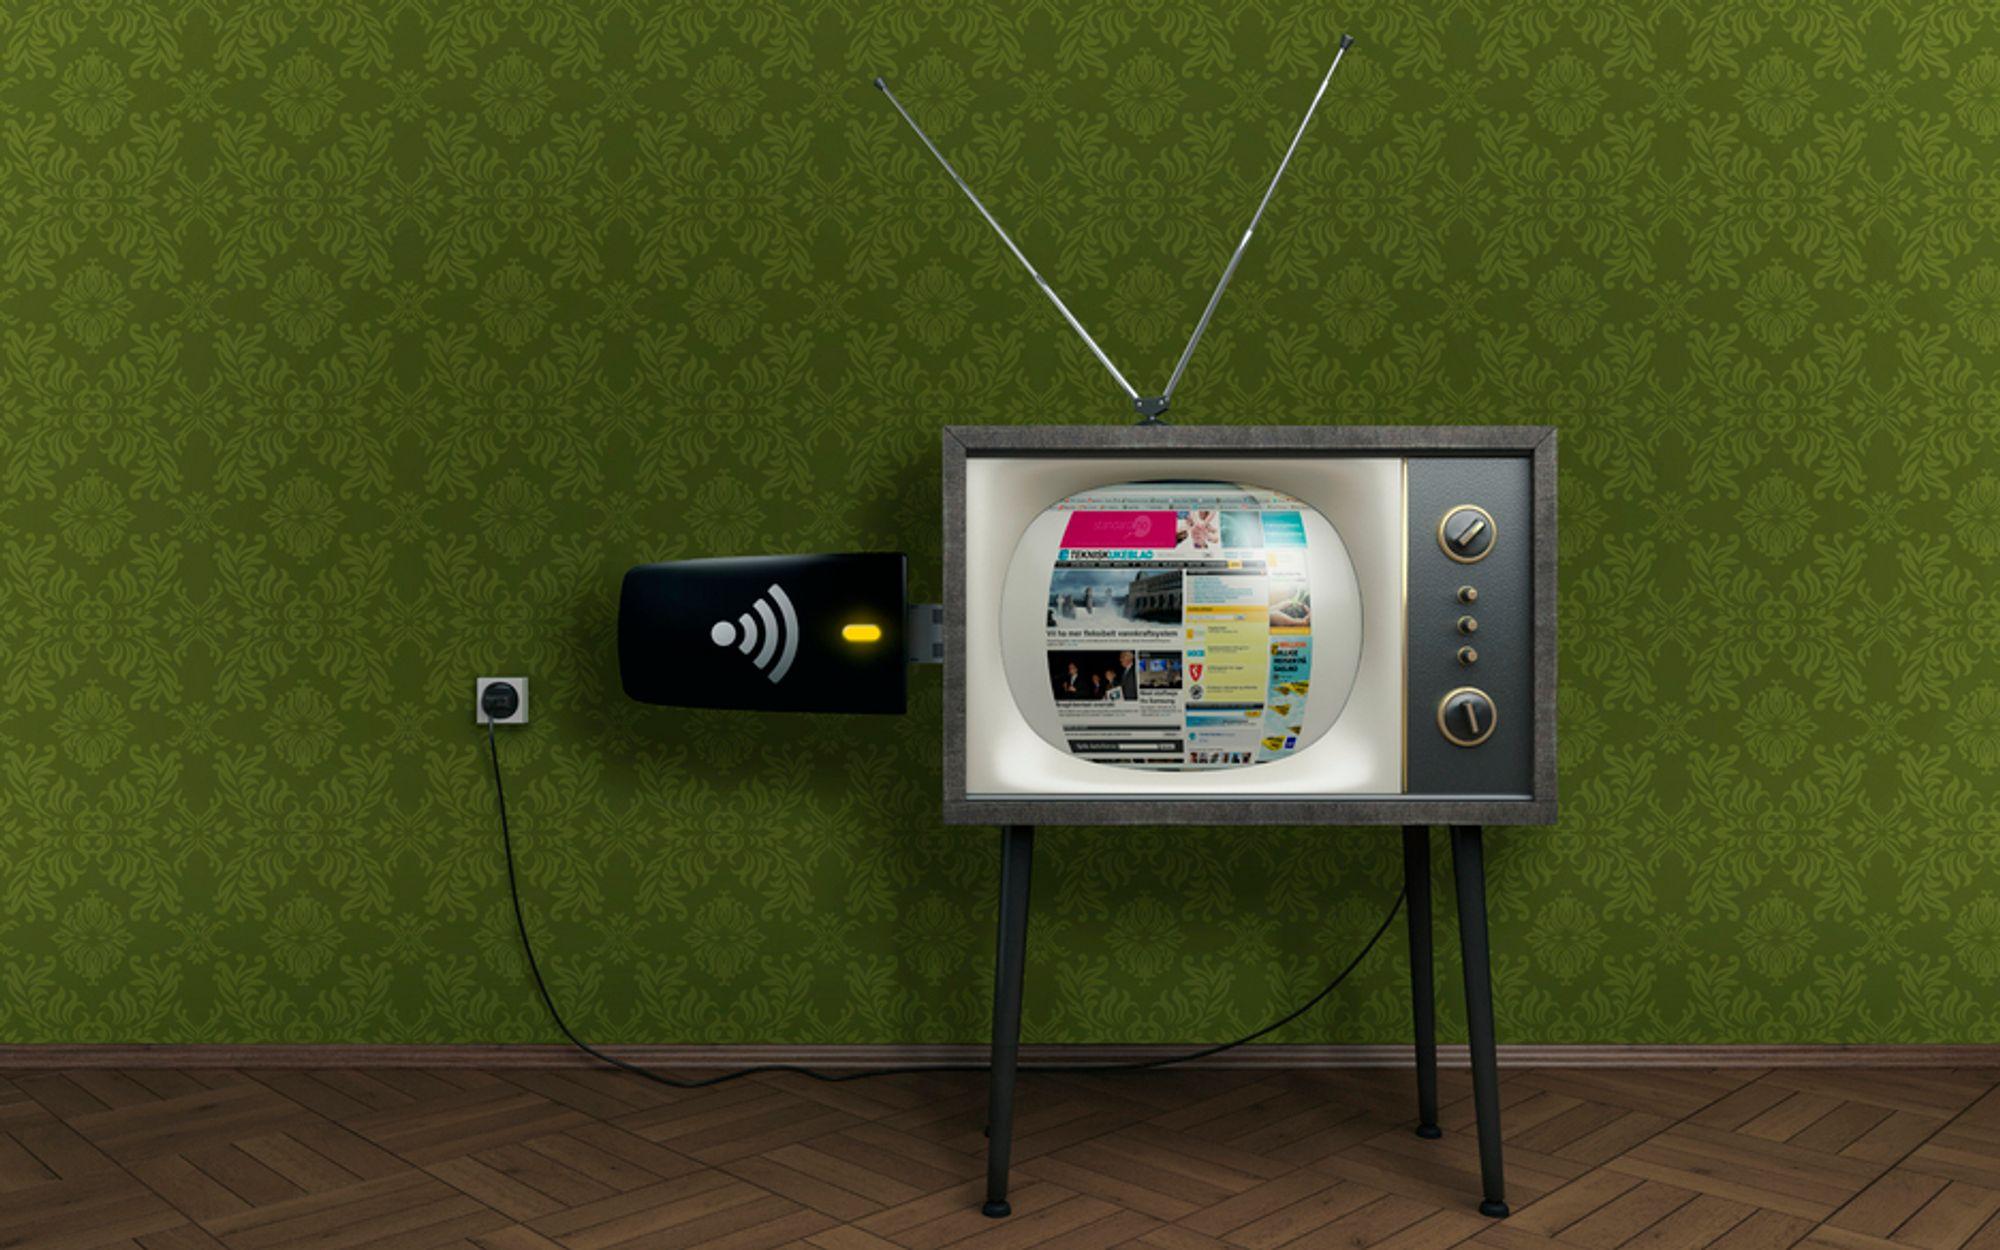 MER PLASS: Mobilt bredbånd krever mer plass på verdensbasis, og det betyr mindre plass til digital tv-kringkasting.